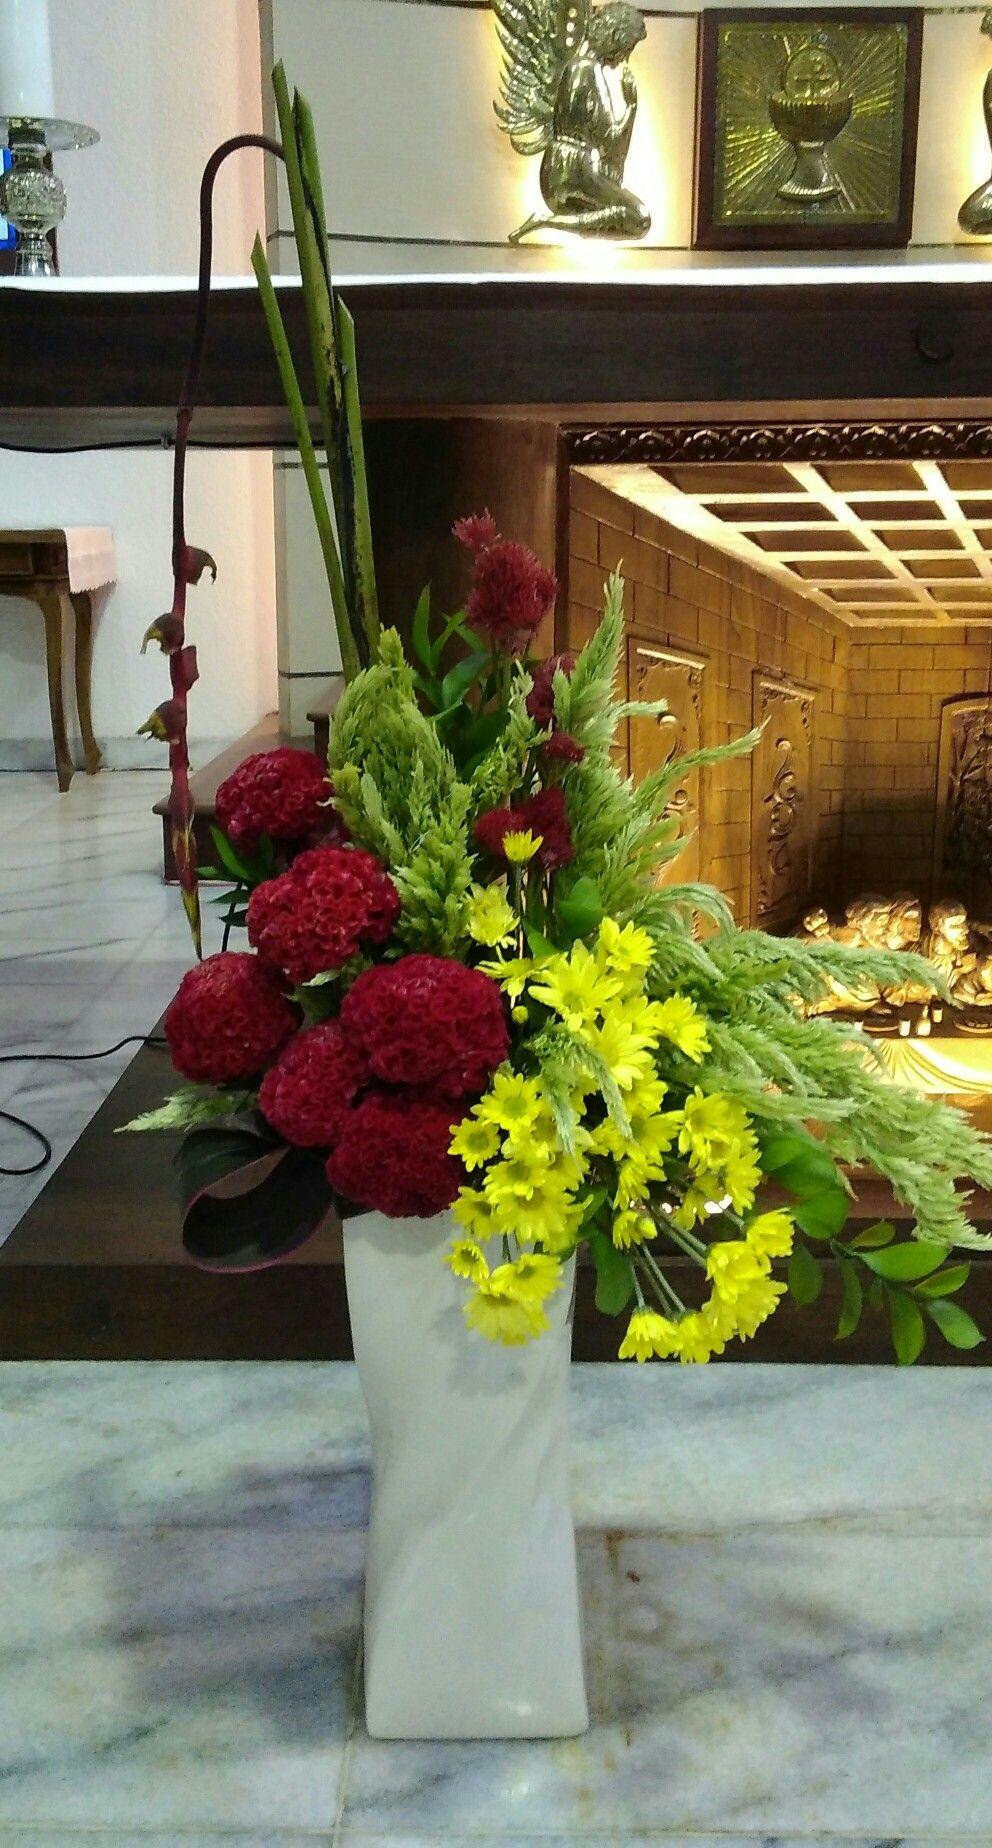 Rangkaian Bunga Altar Gereja Rangkaian Bunga Bunga Altar Rangkaian bunga altar gereja